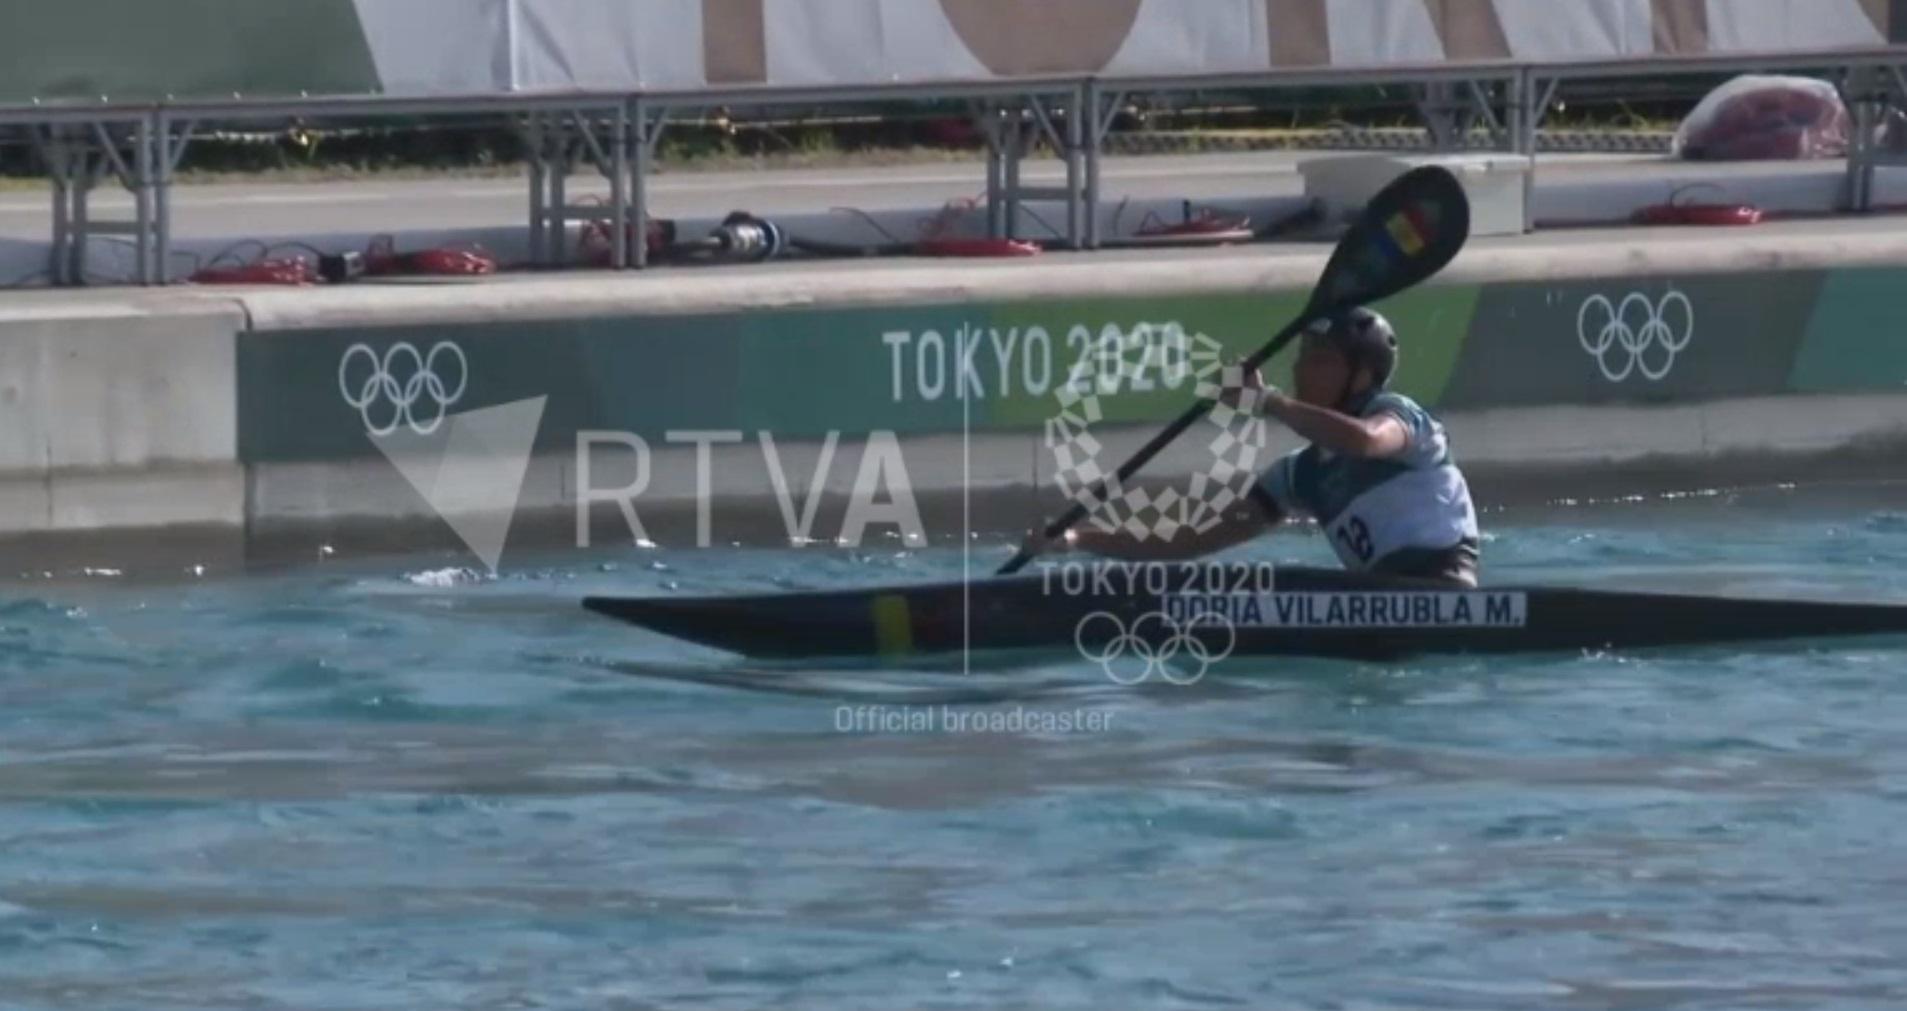 Doria es veu preparada per encarar la final en caiac als Jocs Olímpics de Tòquio